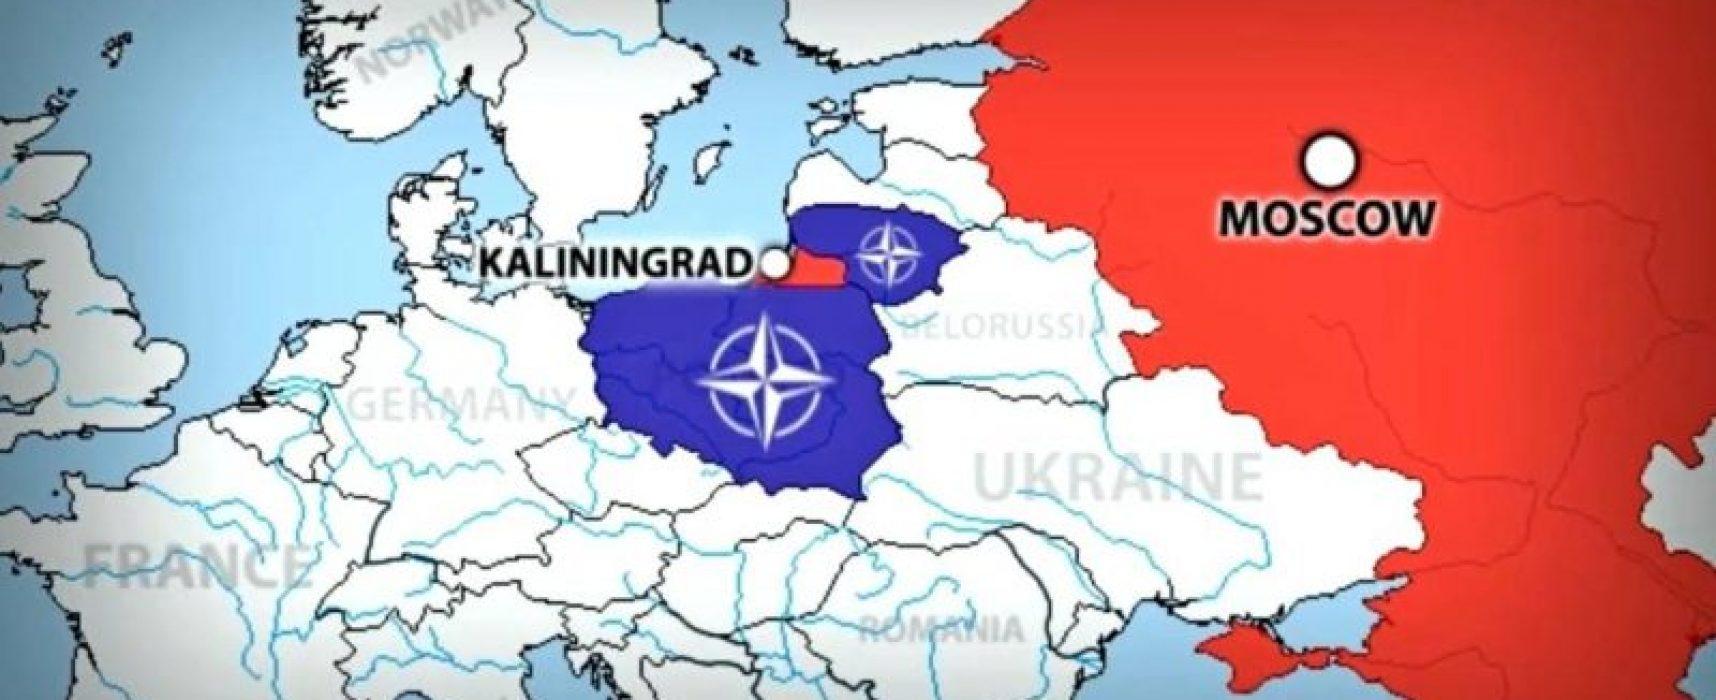 Фейк «Вестей недели»: страны НАТО претендуют на российские территории